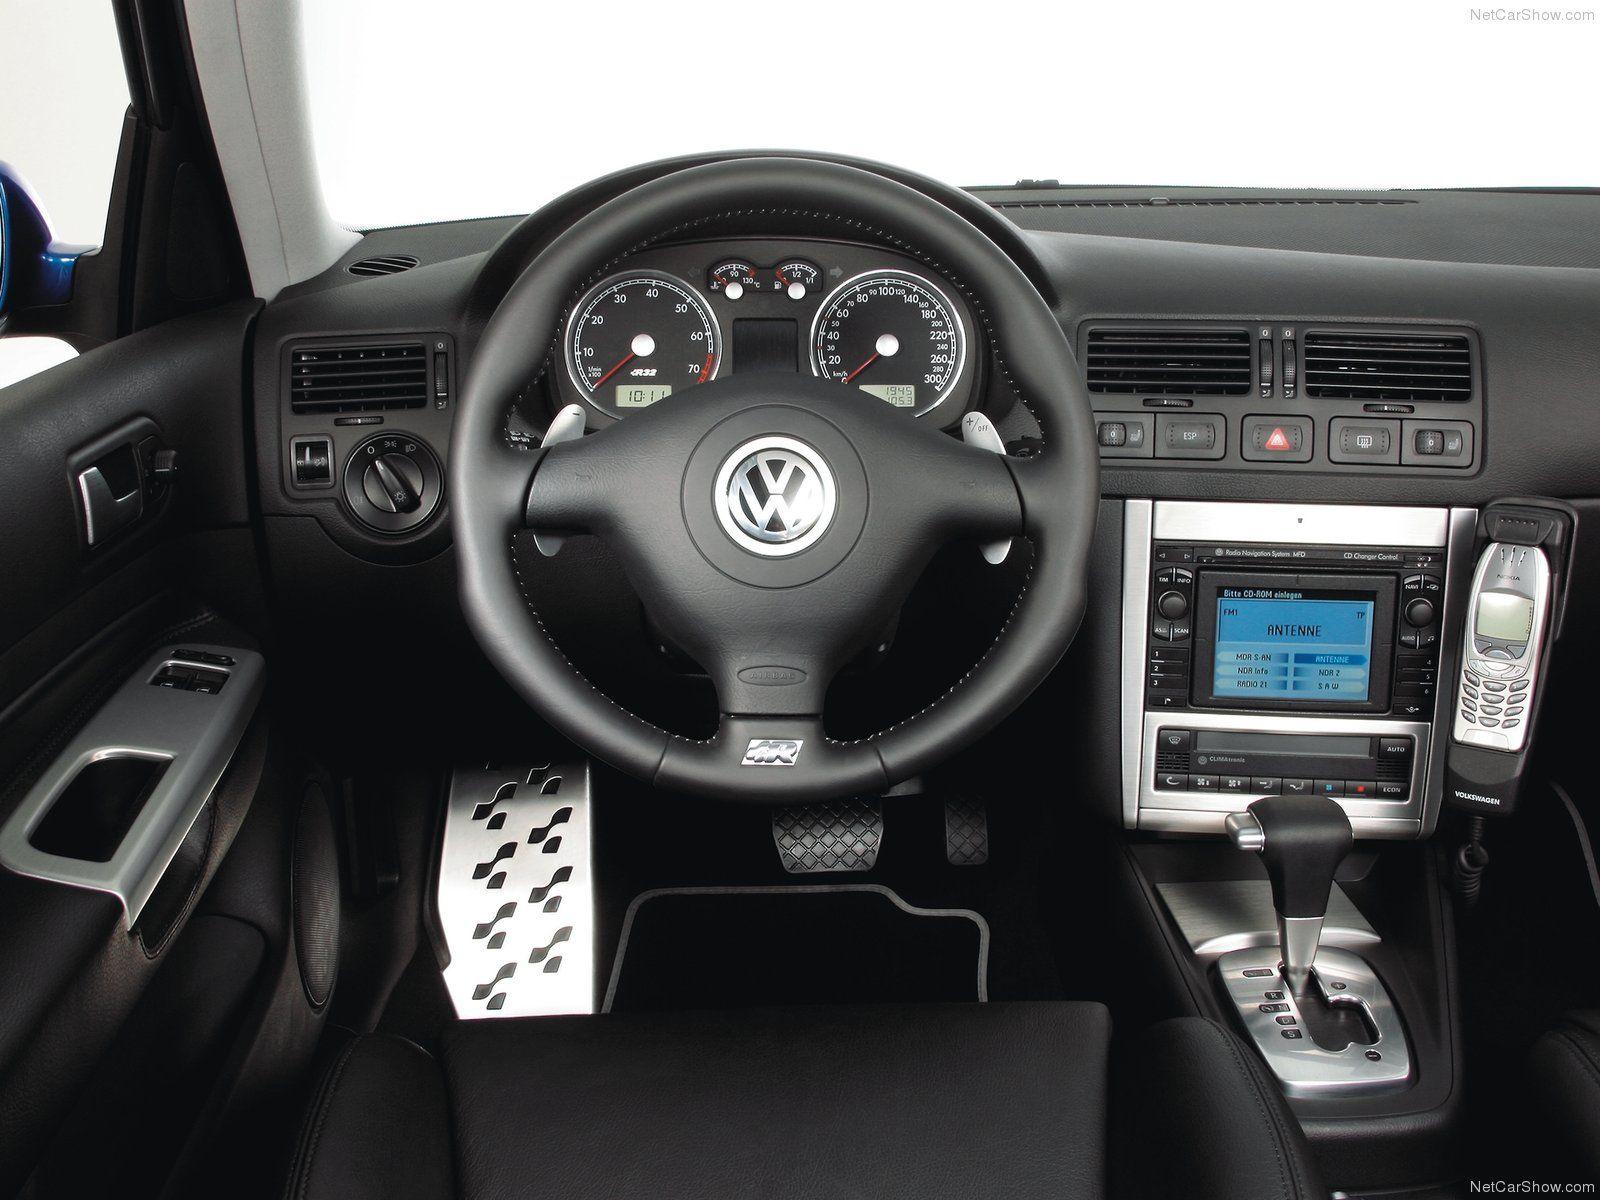 2002 Volkswagen Golf R32 Volkswagen Golf